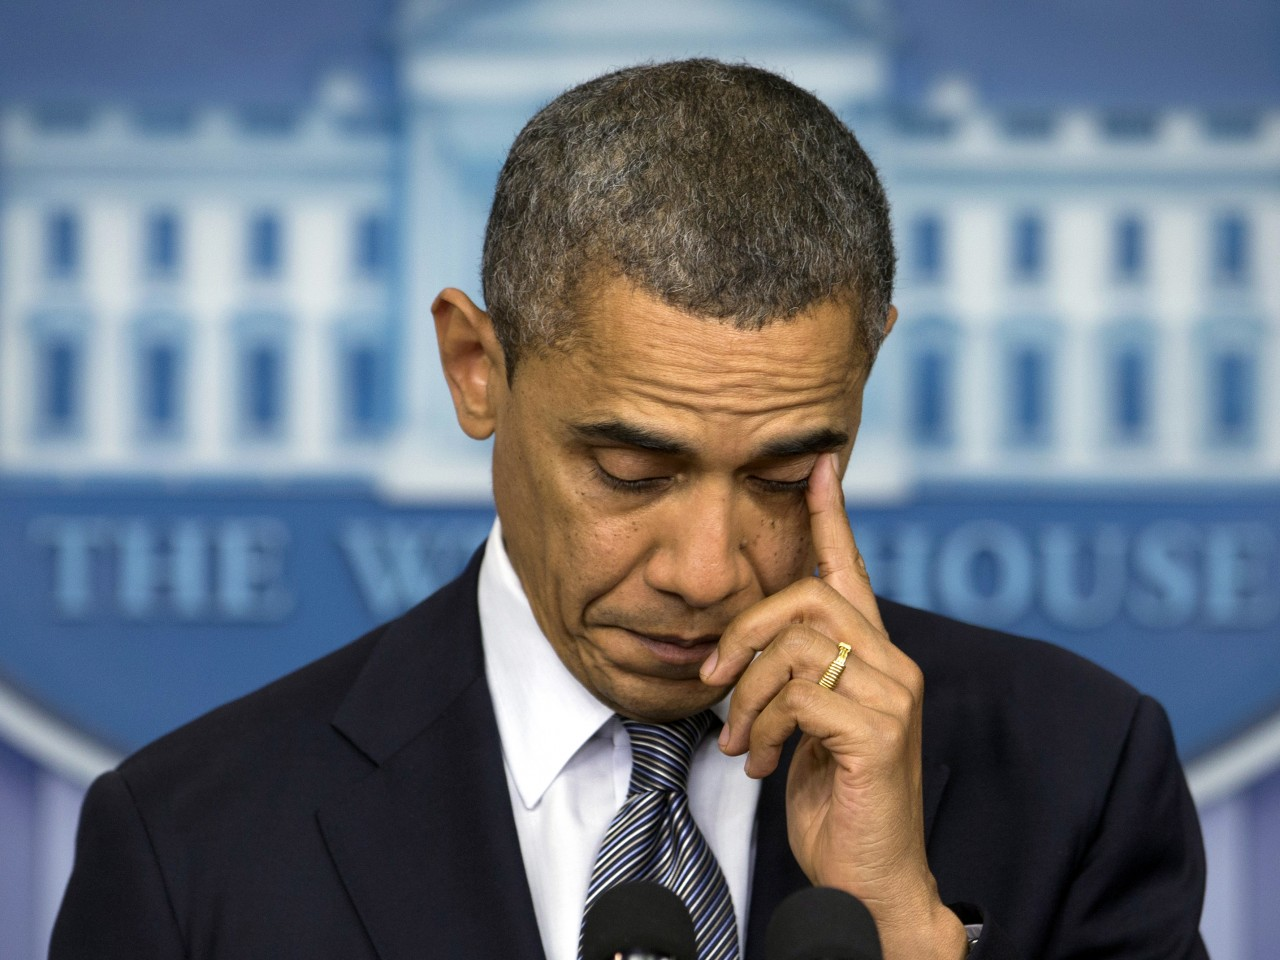 Obama Afraid